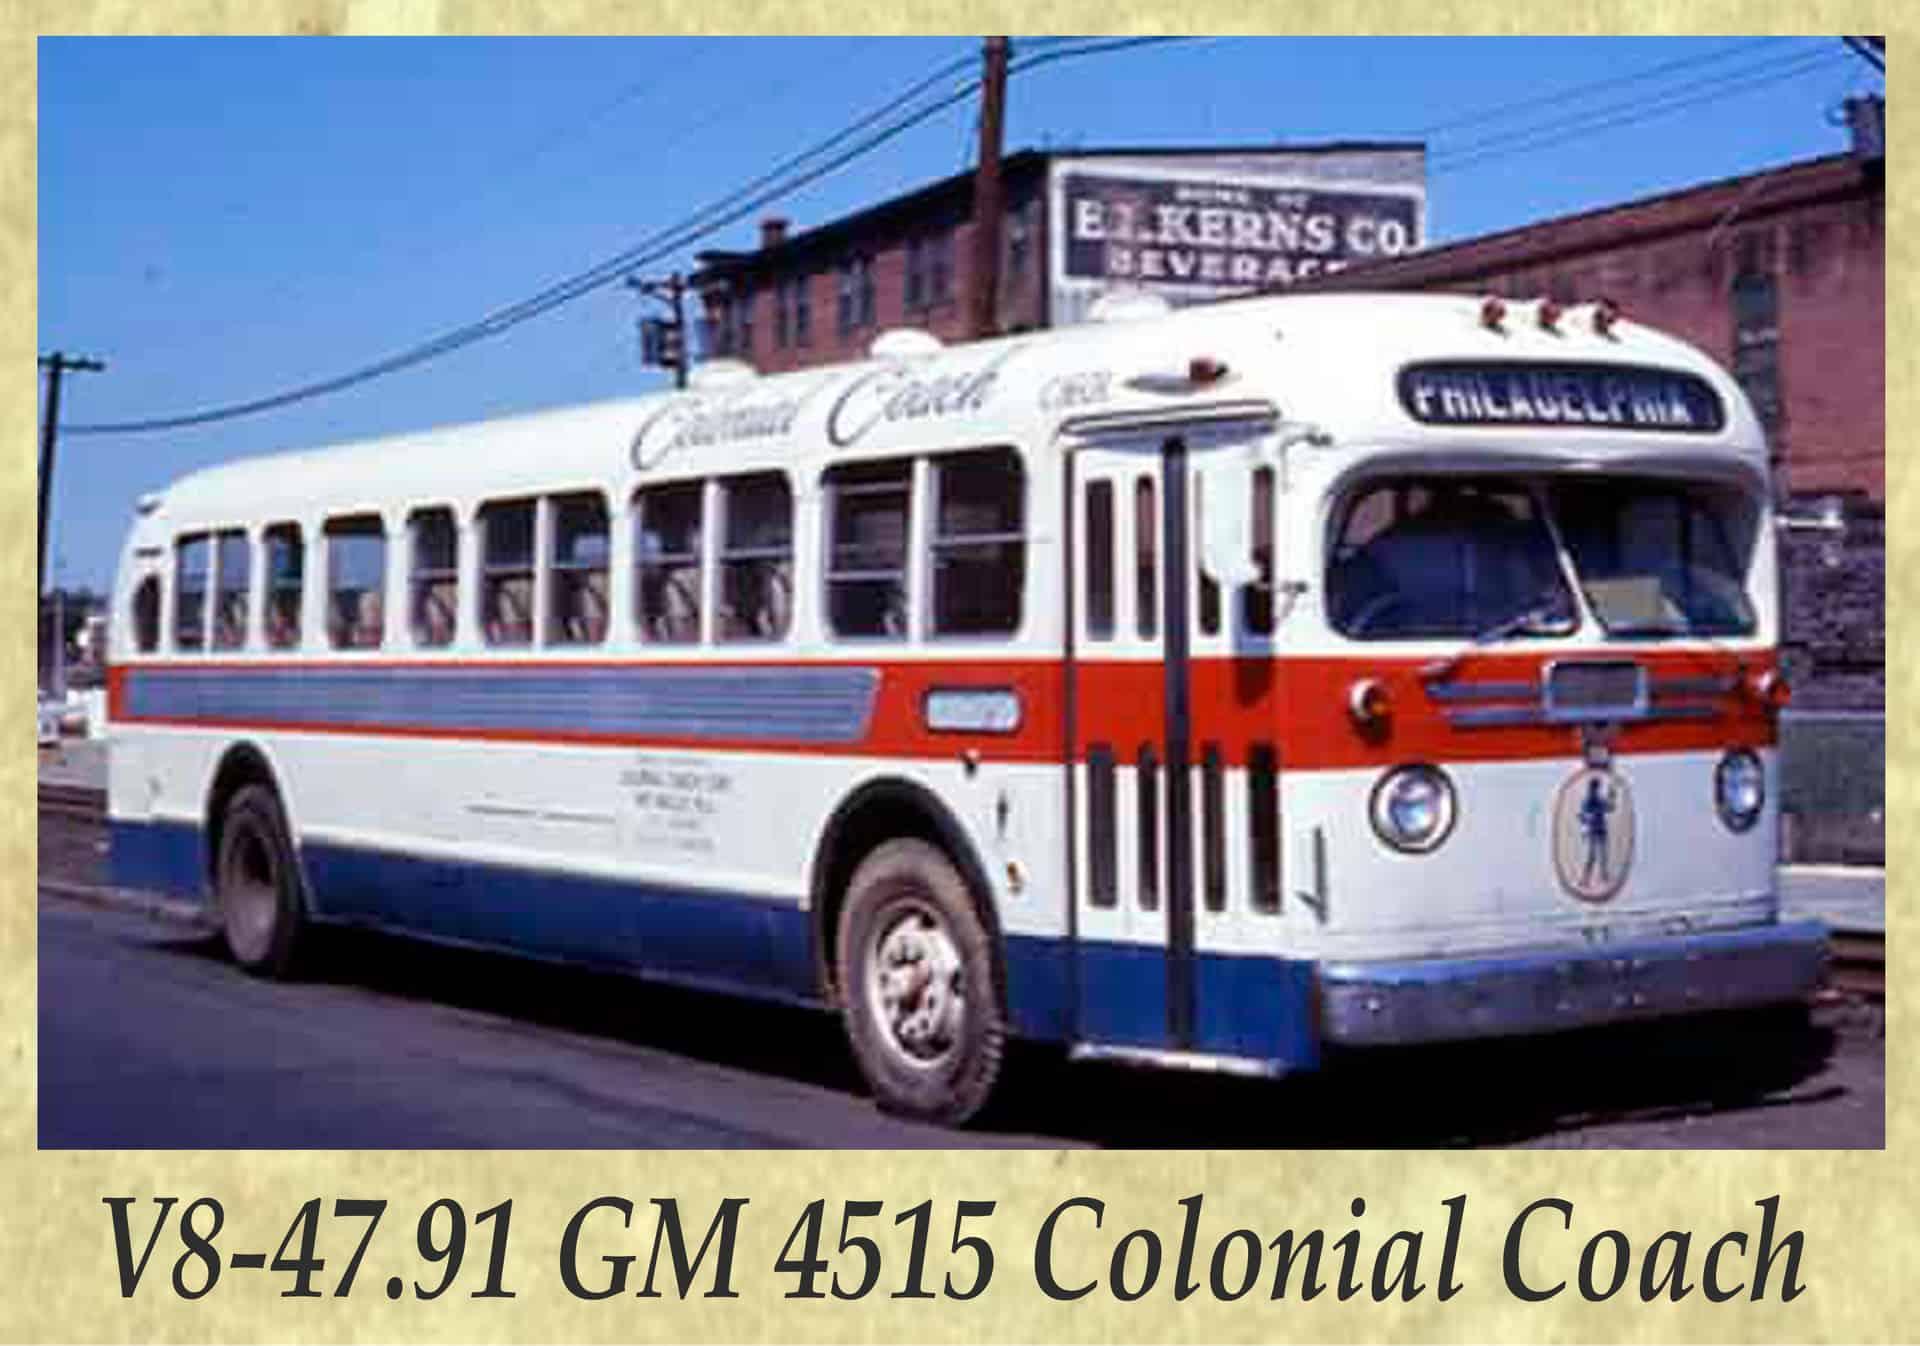 V8-47.91 GM 4515 Colonial Coach